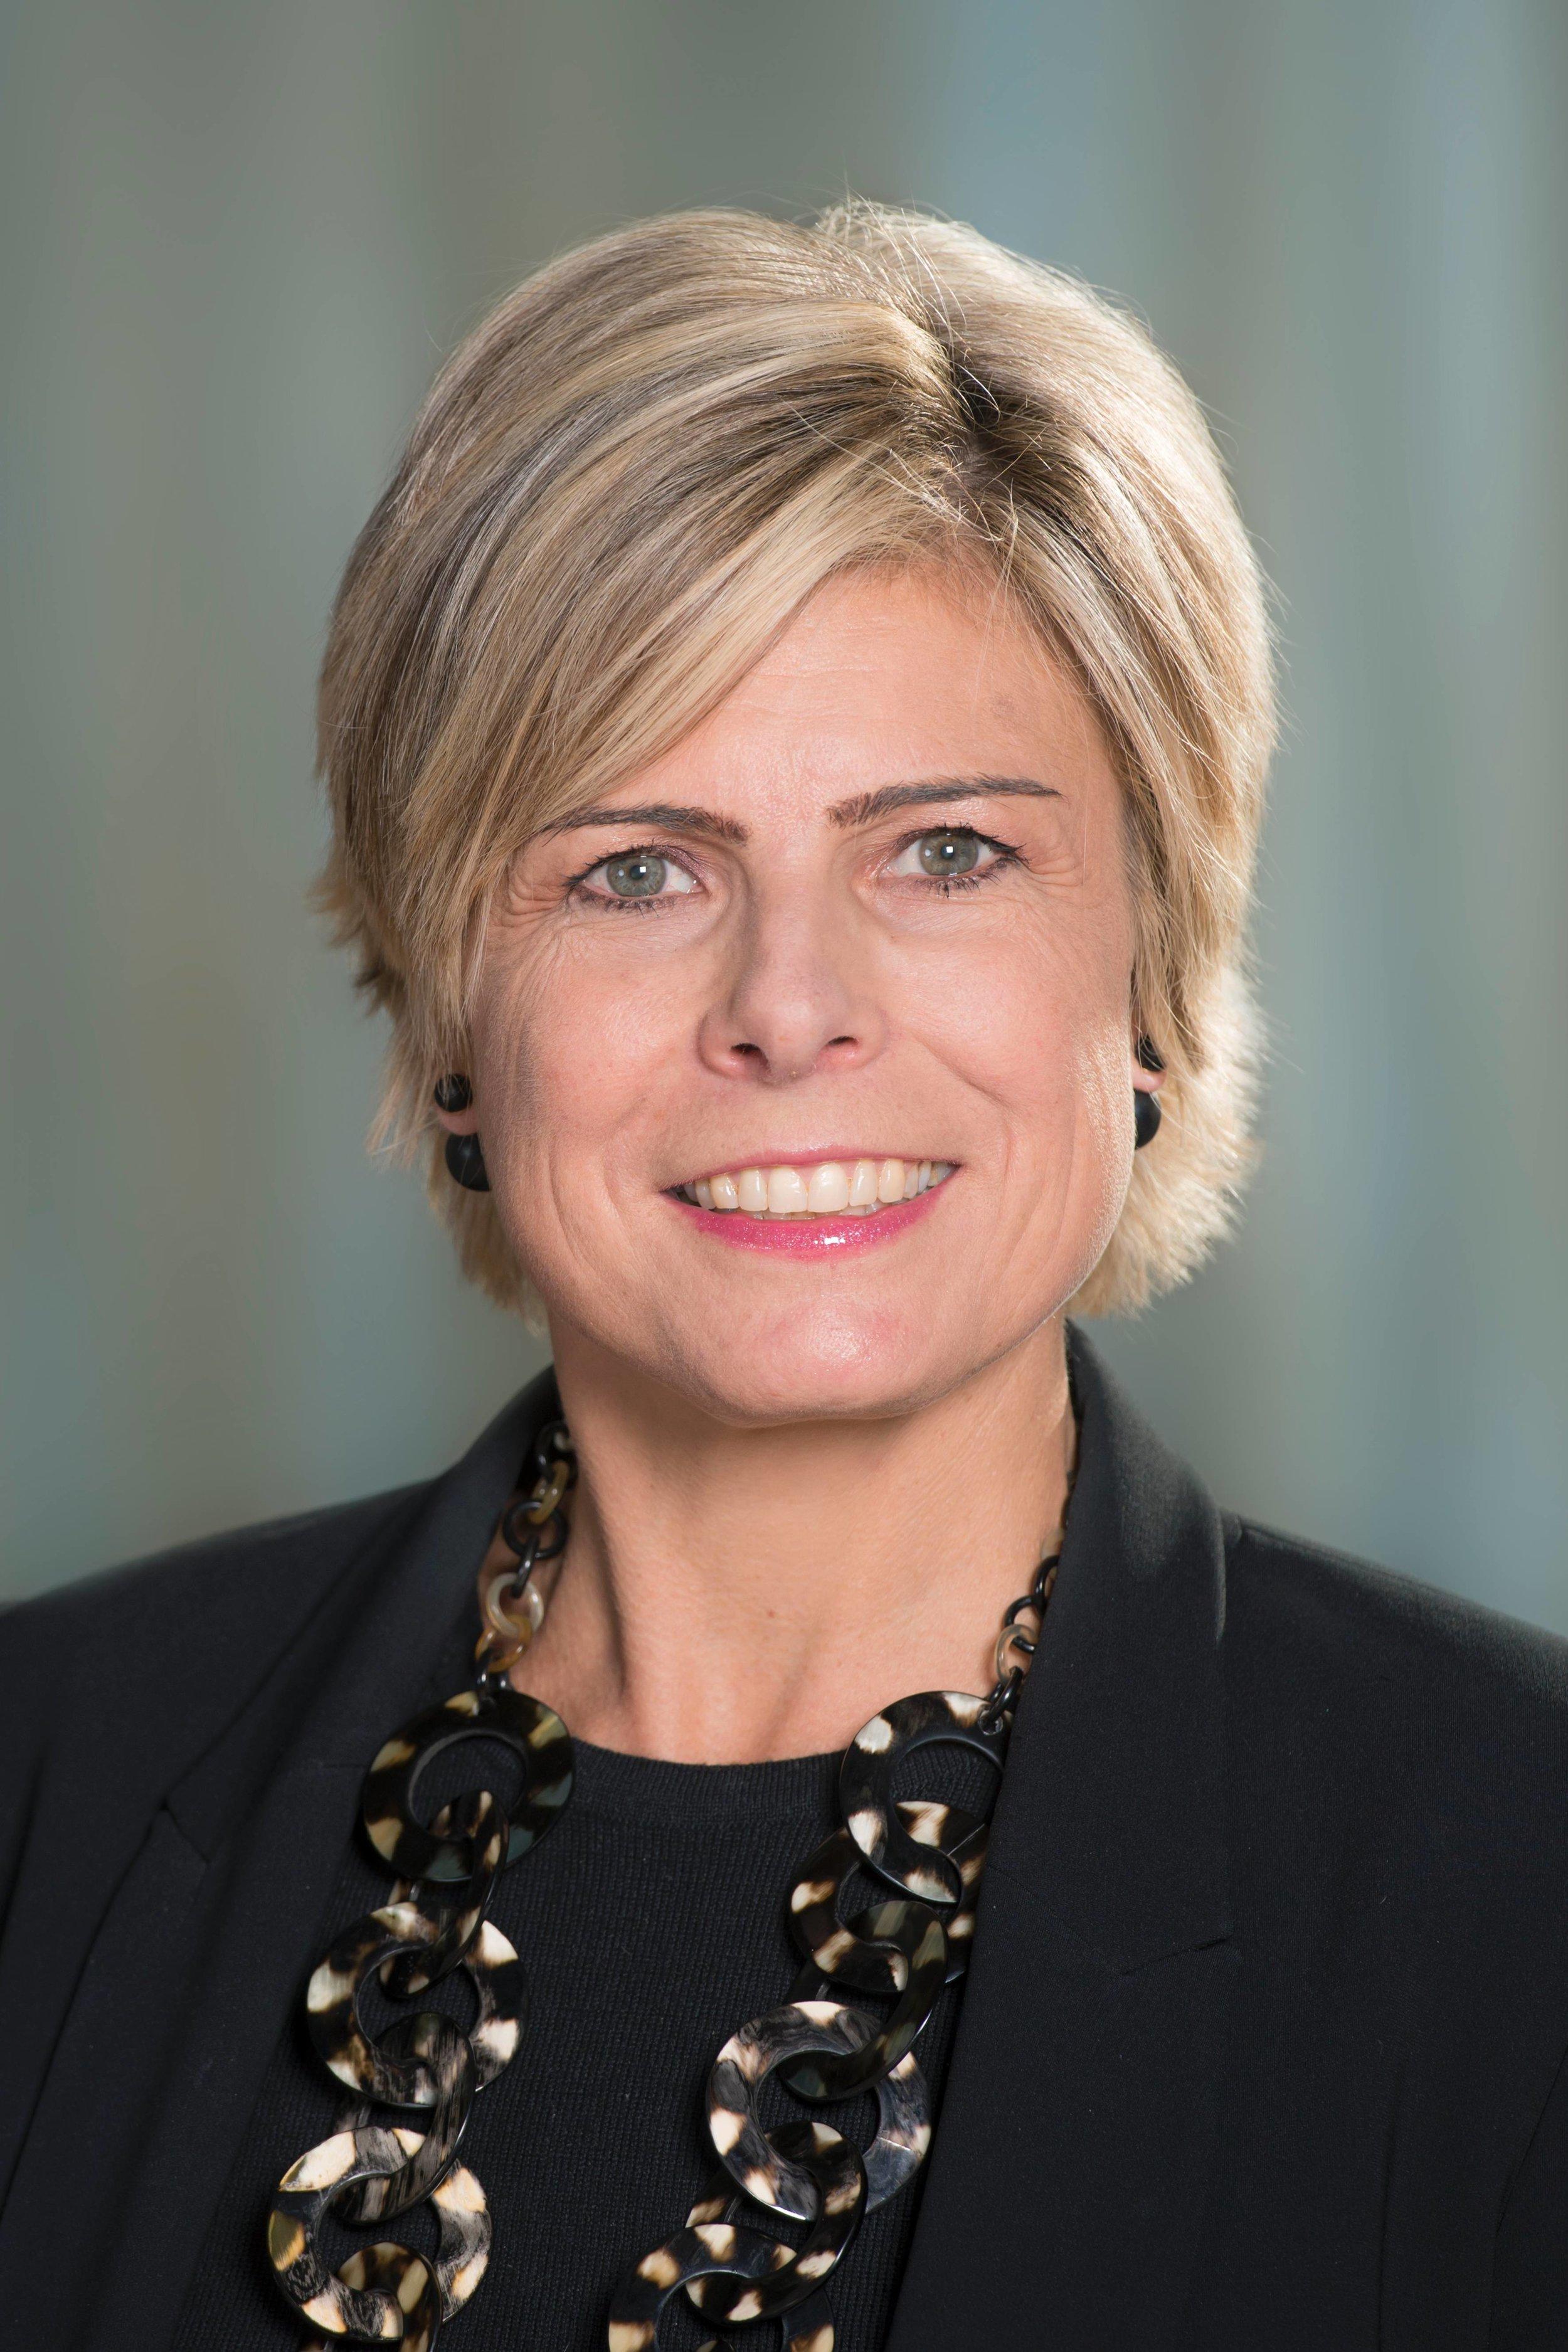 Prinzessin Laurentien  Foto: RVD,Jeroen van der Meyde